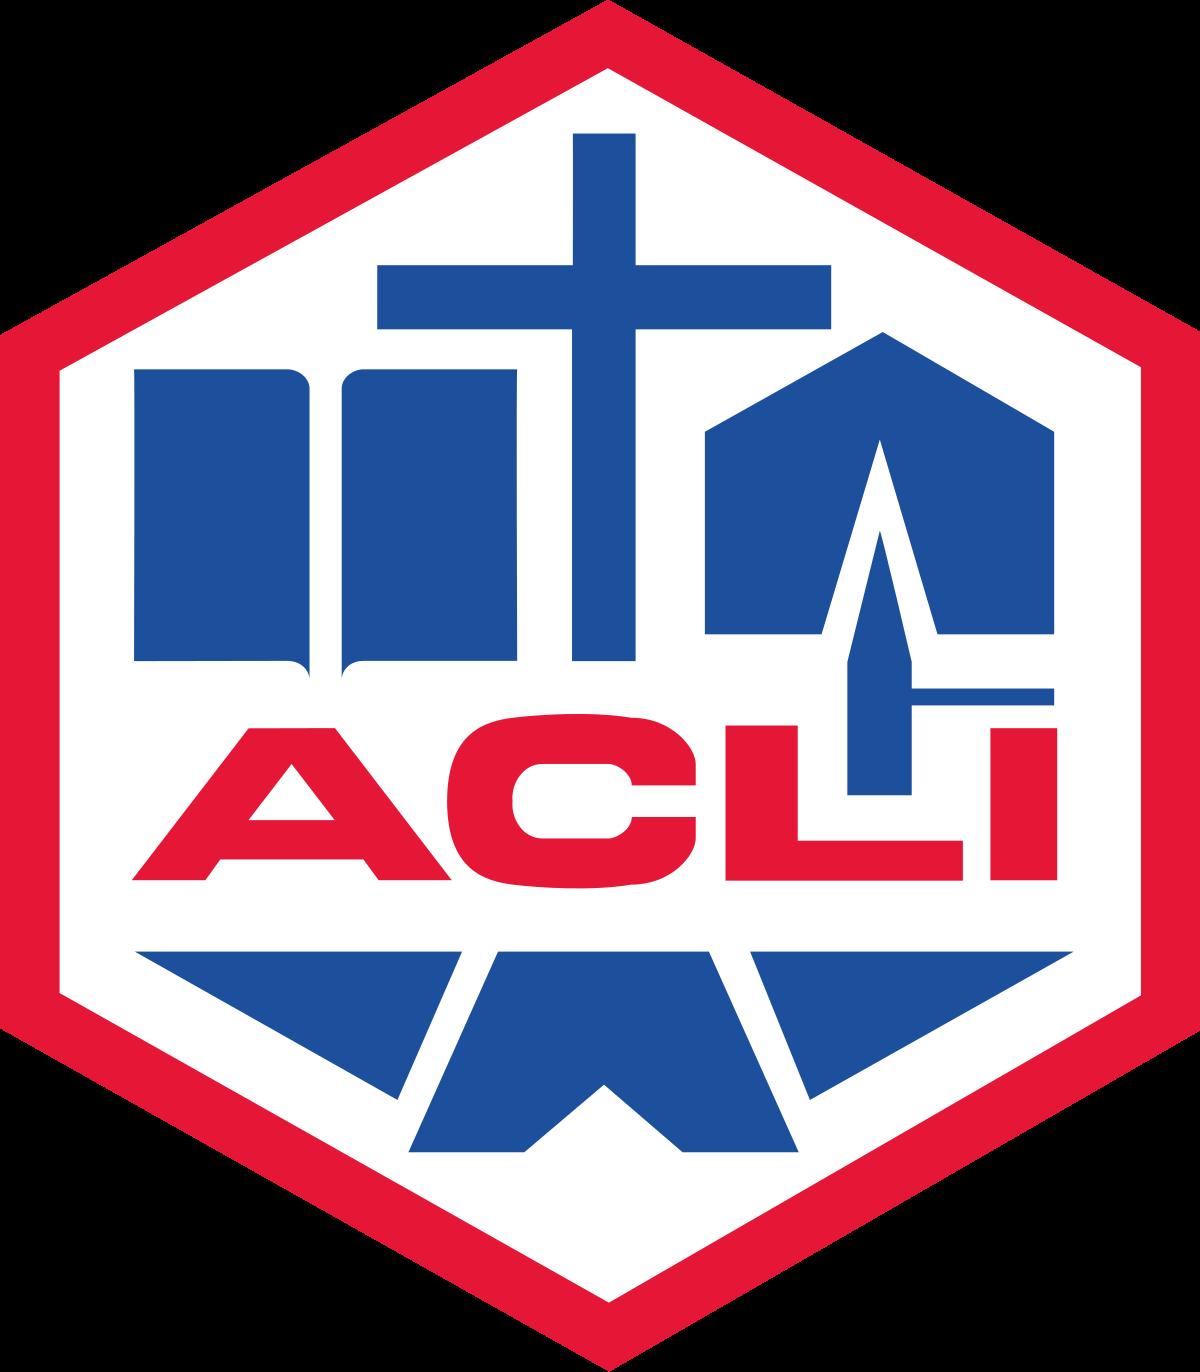 ACLI - Associazioni Cristiane Lavoratori Italiani